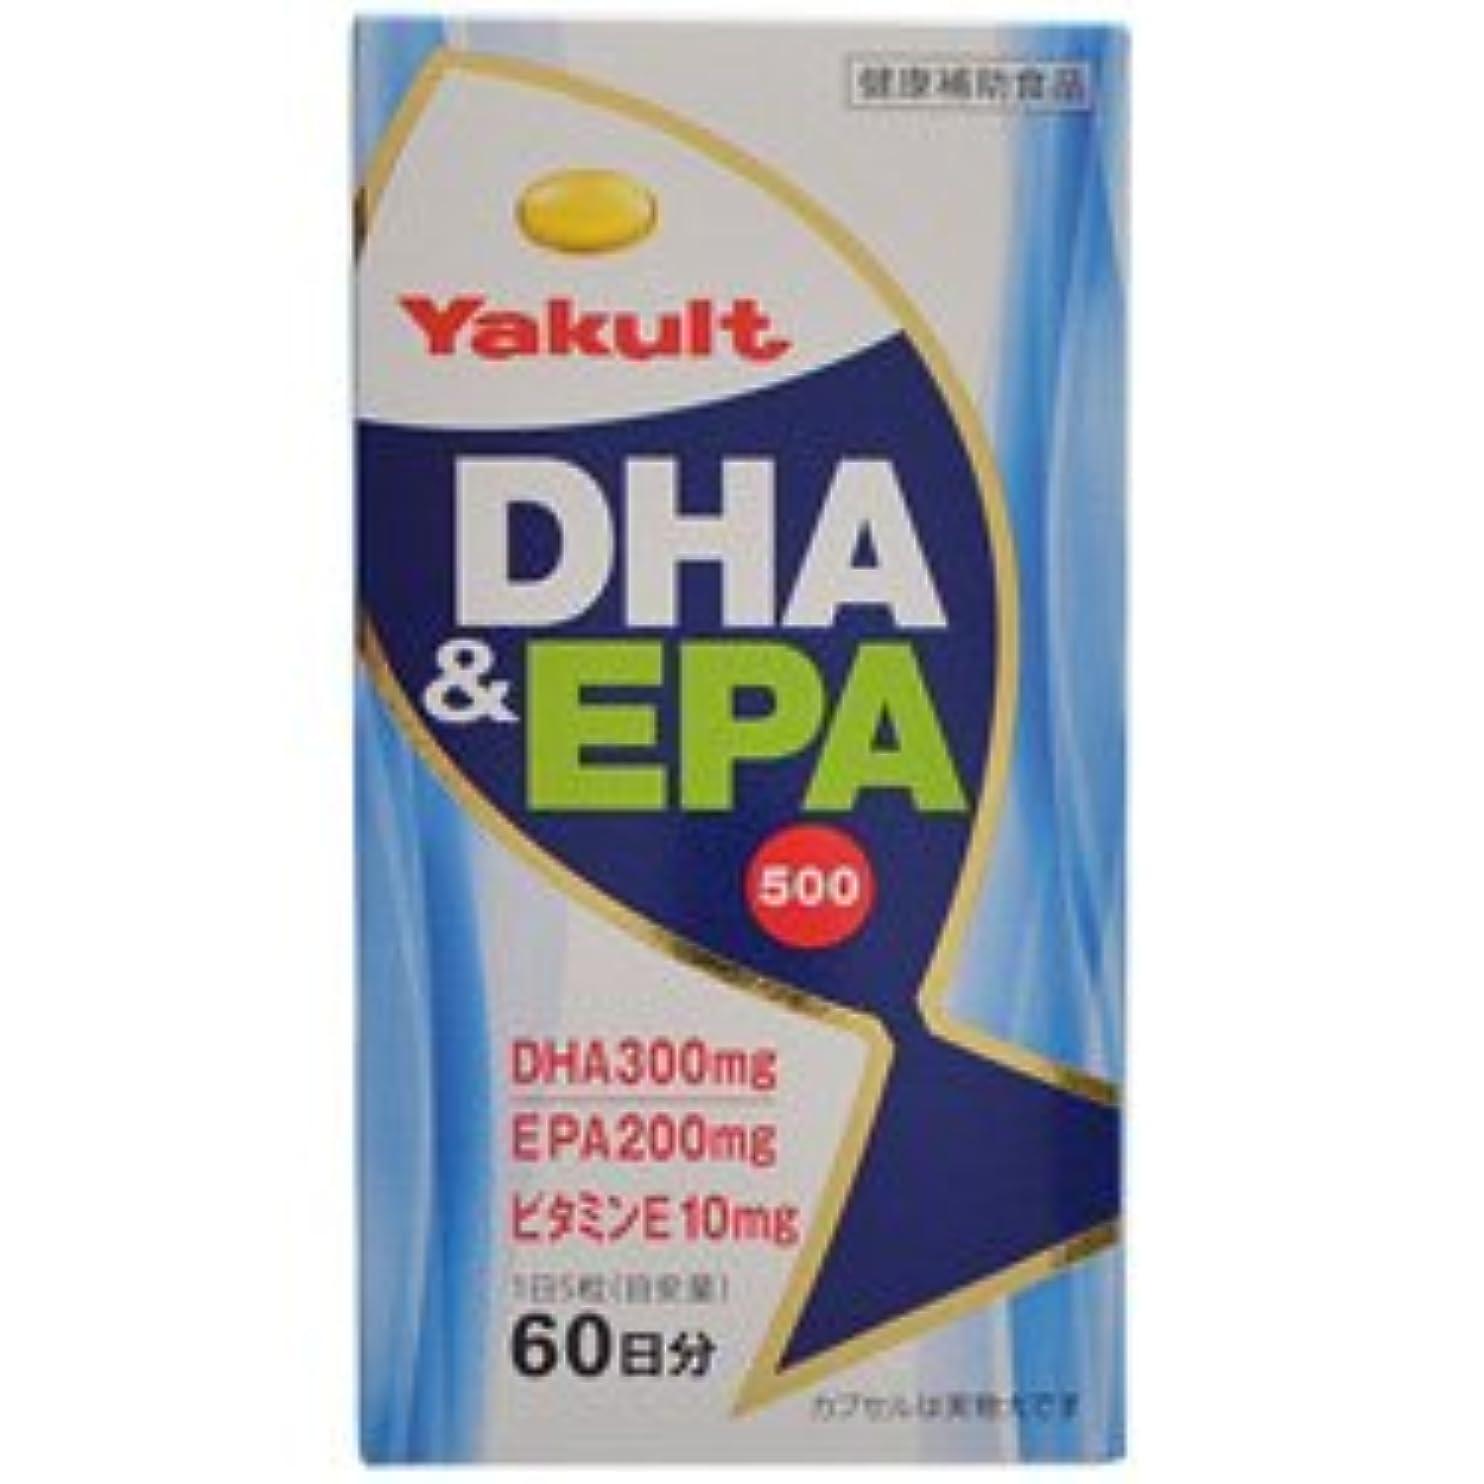 オペレーター北へ長方形【ヤクルトヘルスフーズ】DHA&EPA 500 300粒 ×3個セット